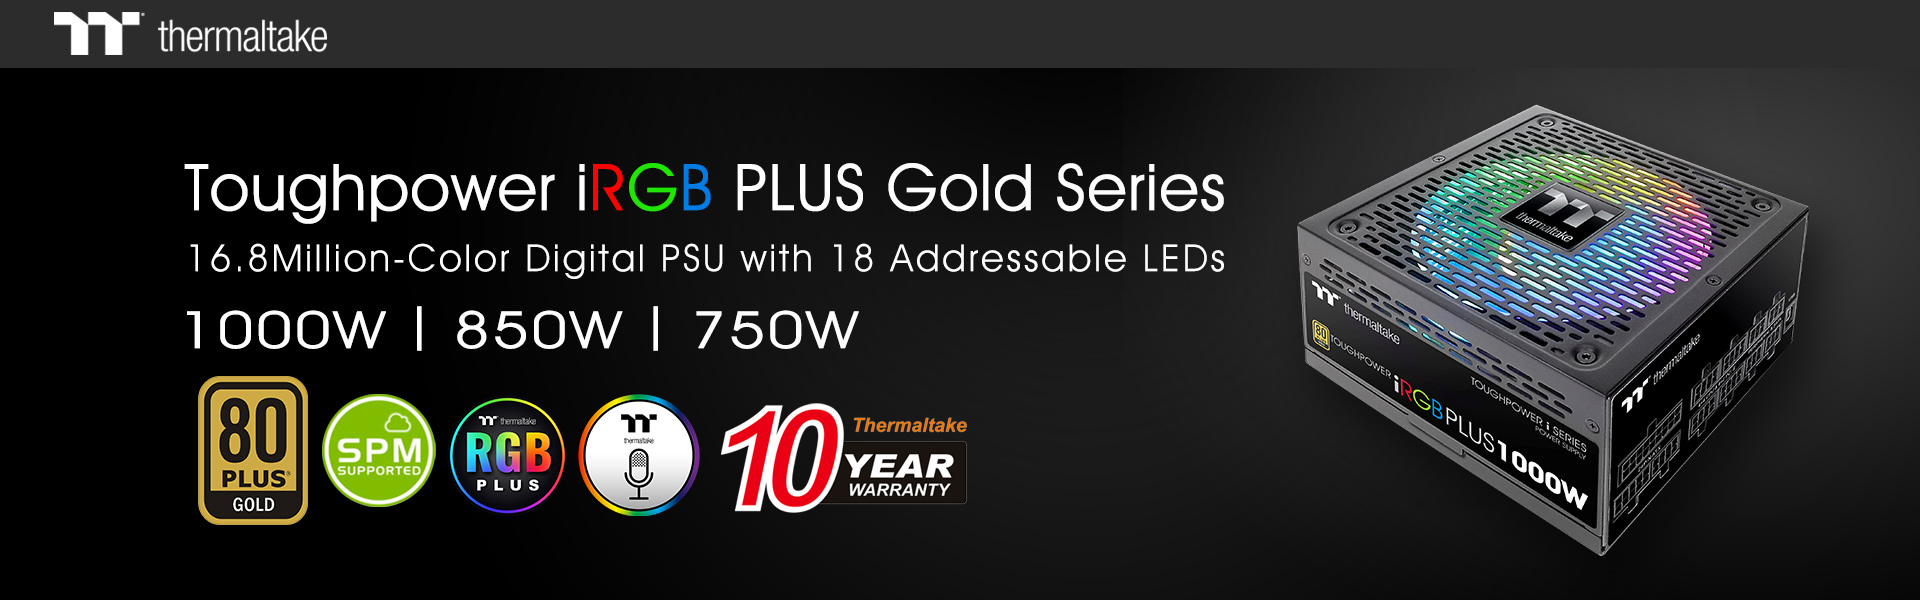 Toughpower iRGB Plus Gold